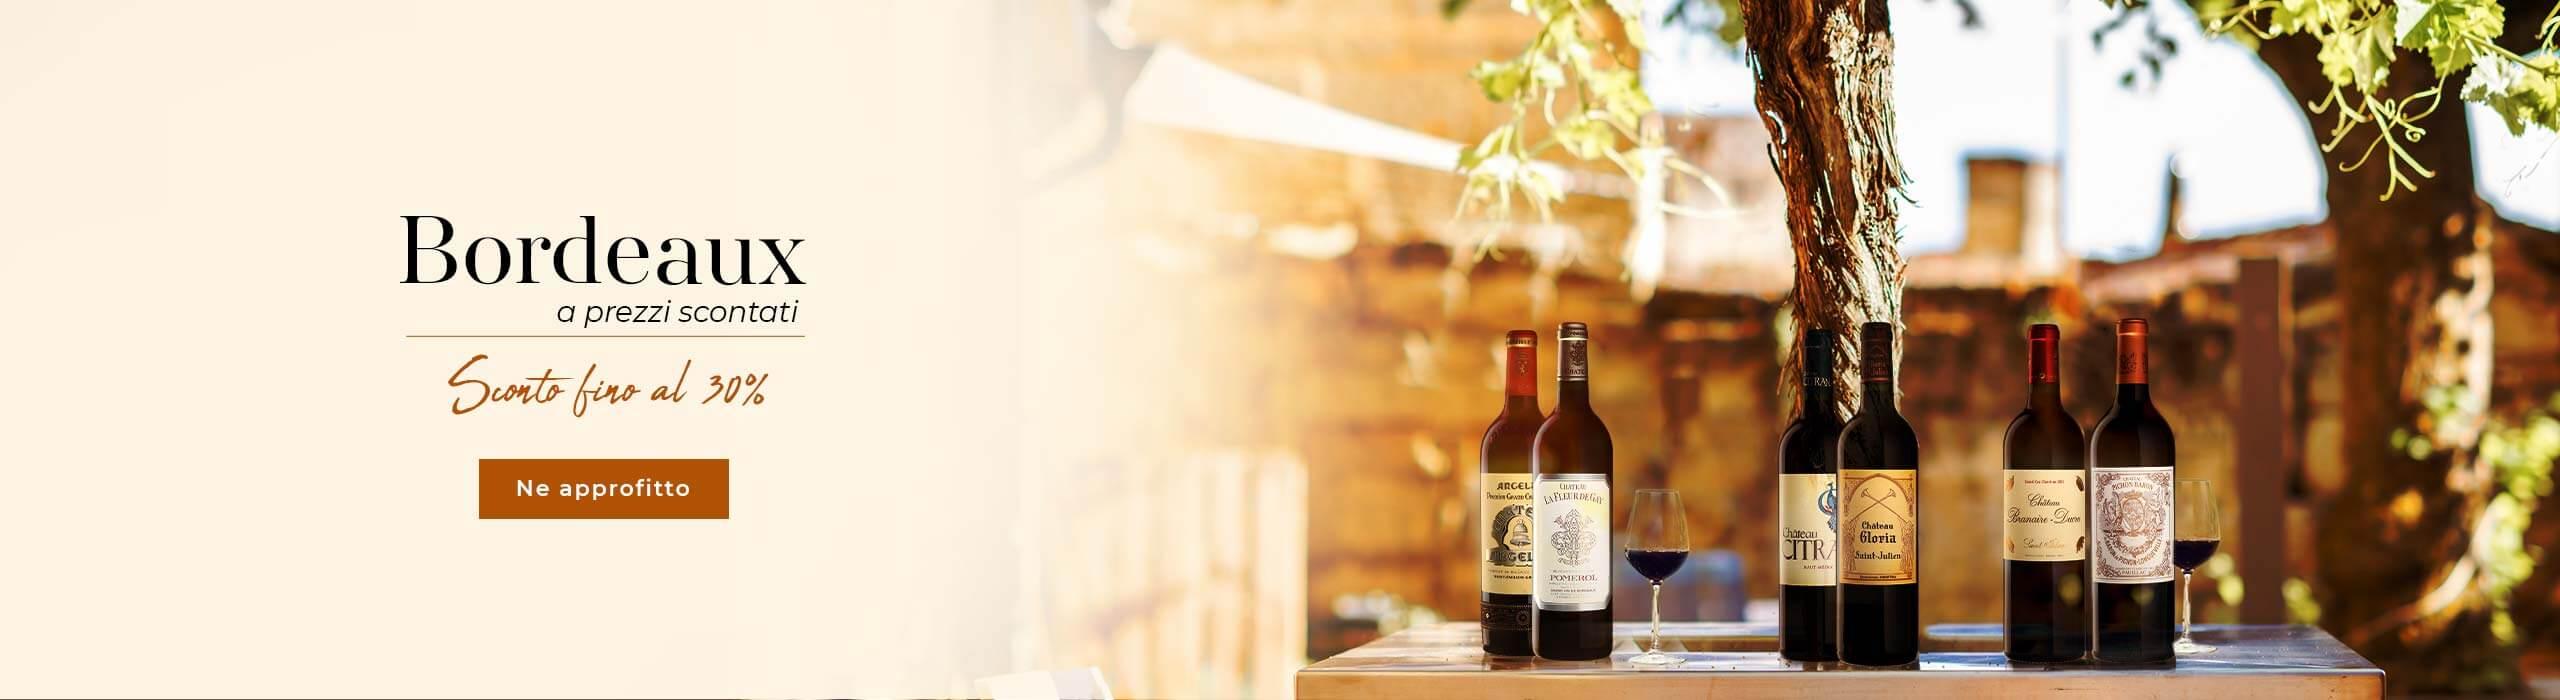 Nuova offerta : uno sconto fino al 30% Bordeaux a prezzi scontati